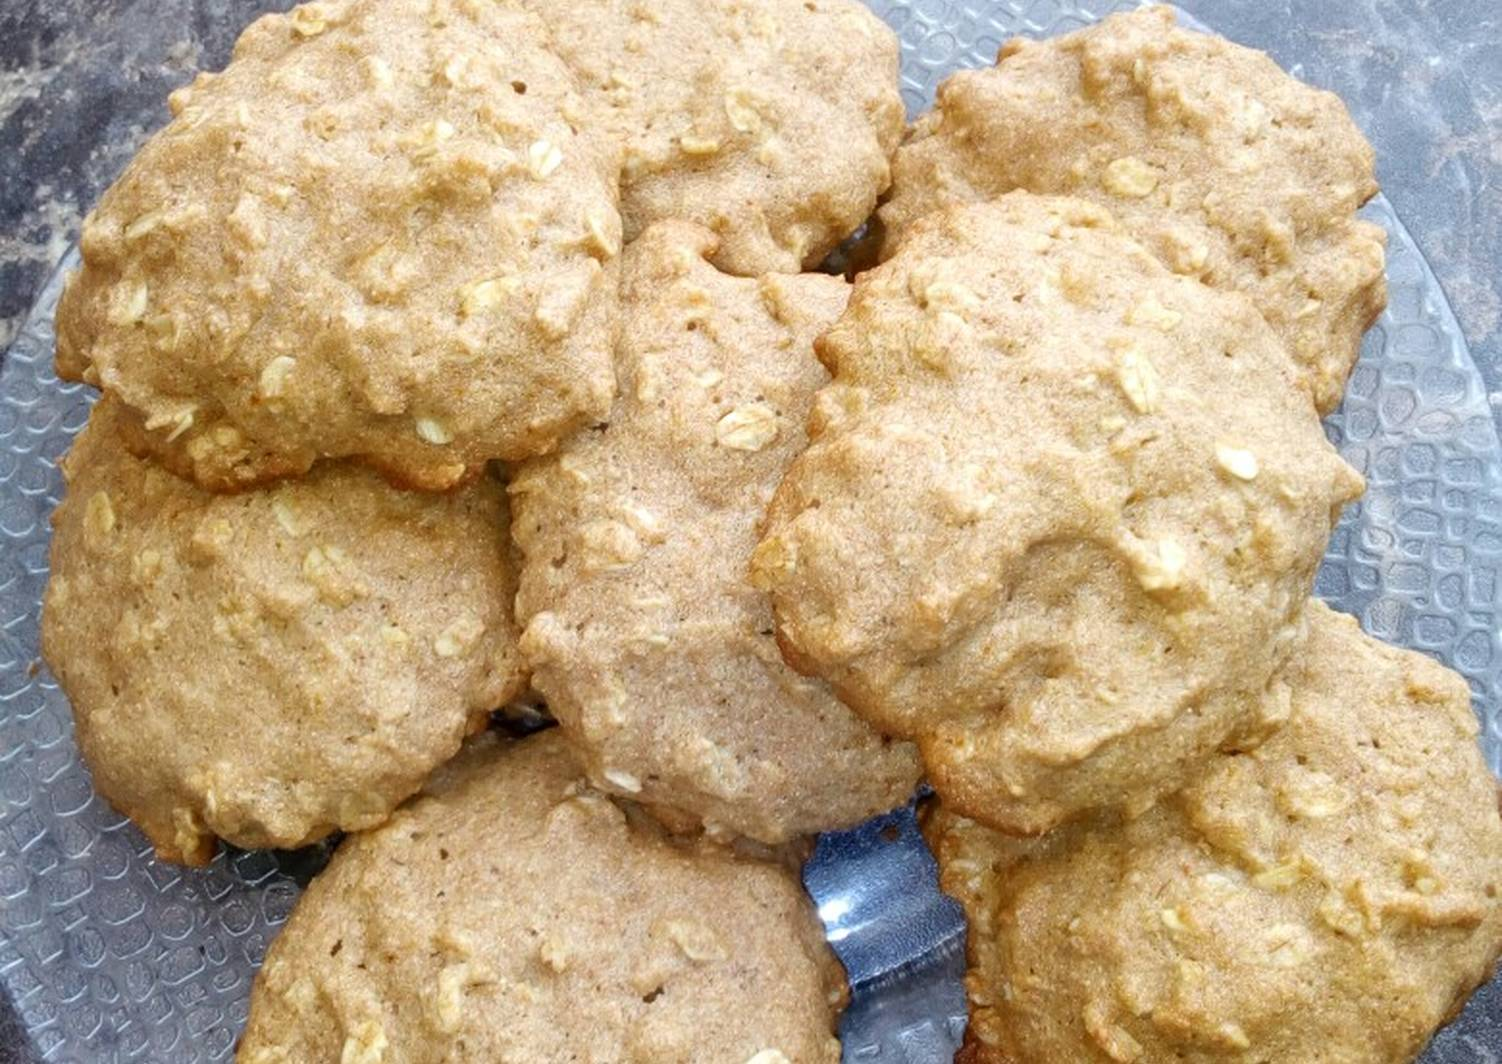 печенье сметанники рецепт с фото умелицы, которым